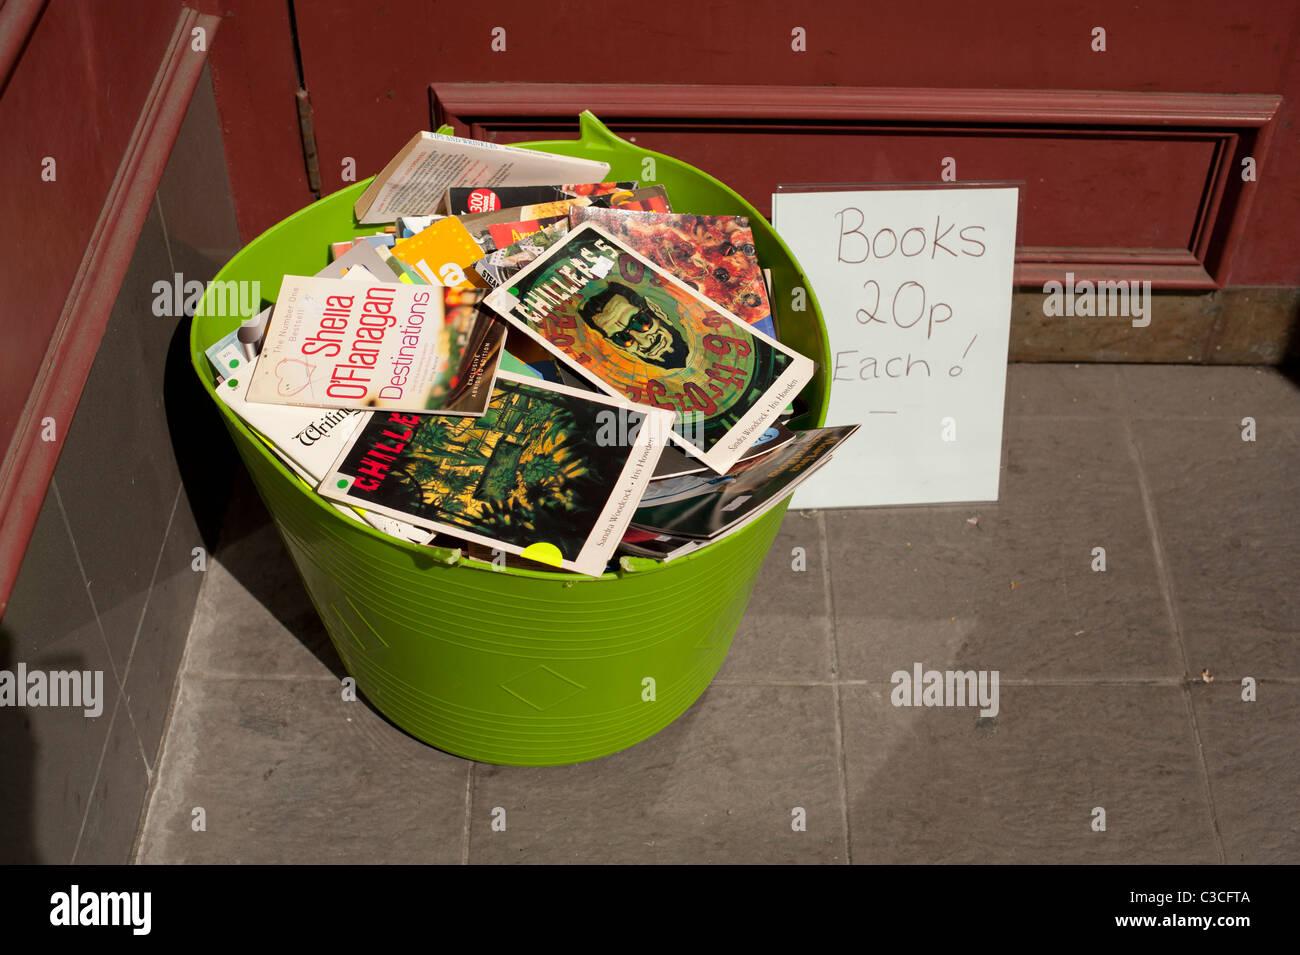 eine Plastikwanne voll von billigen zweite hand Taschenbücher - 20p jeweils außerhalb einer Uused Buchhandlung Stockbild